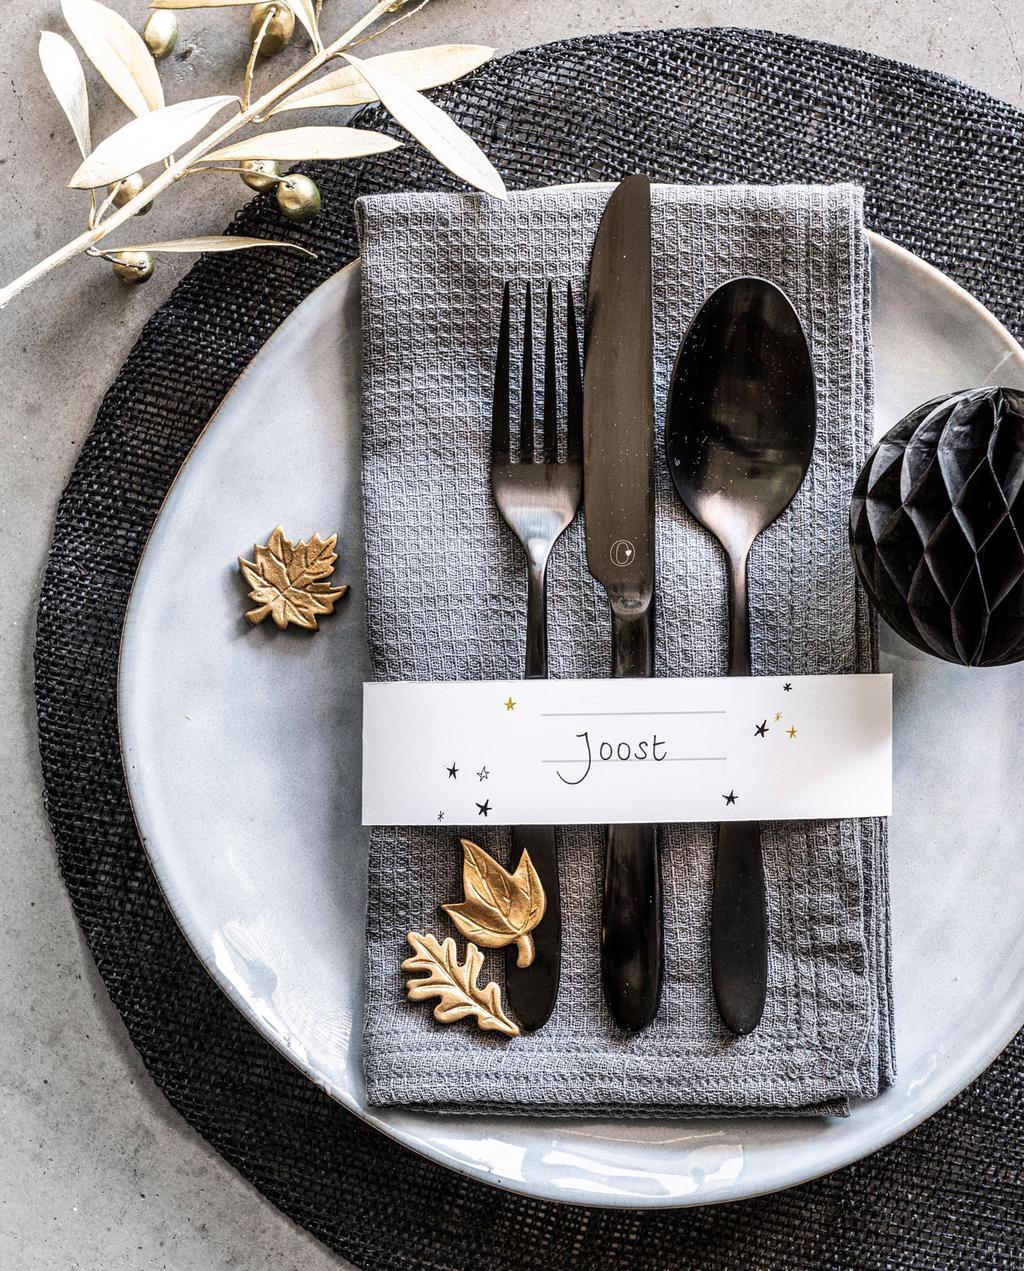 vtwonen | DIY feestprints tafelschikking feestdecoratie